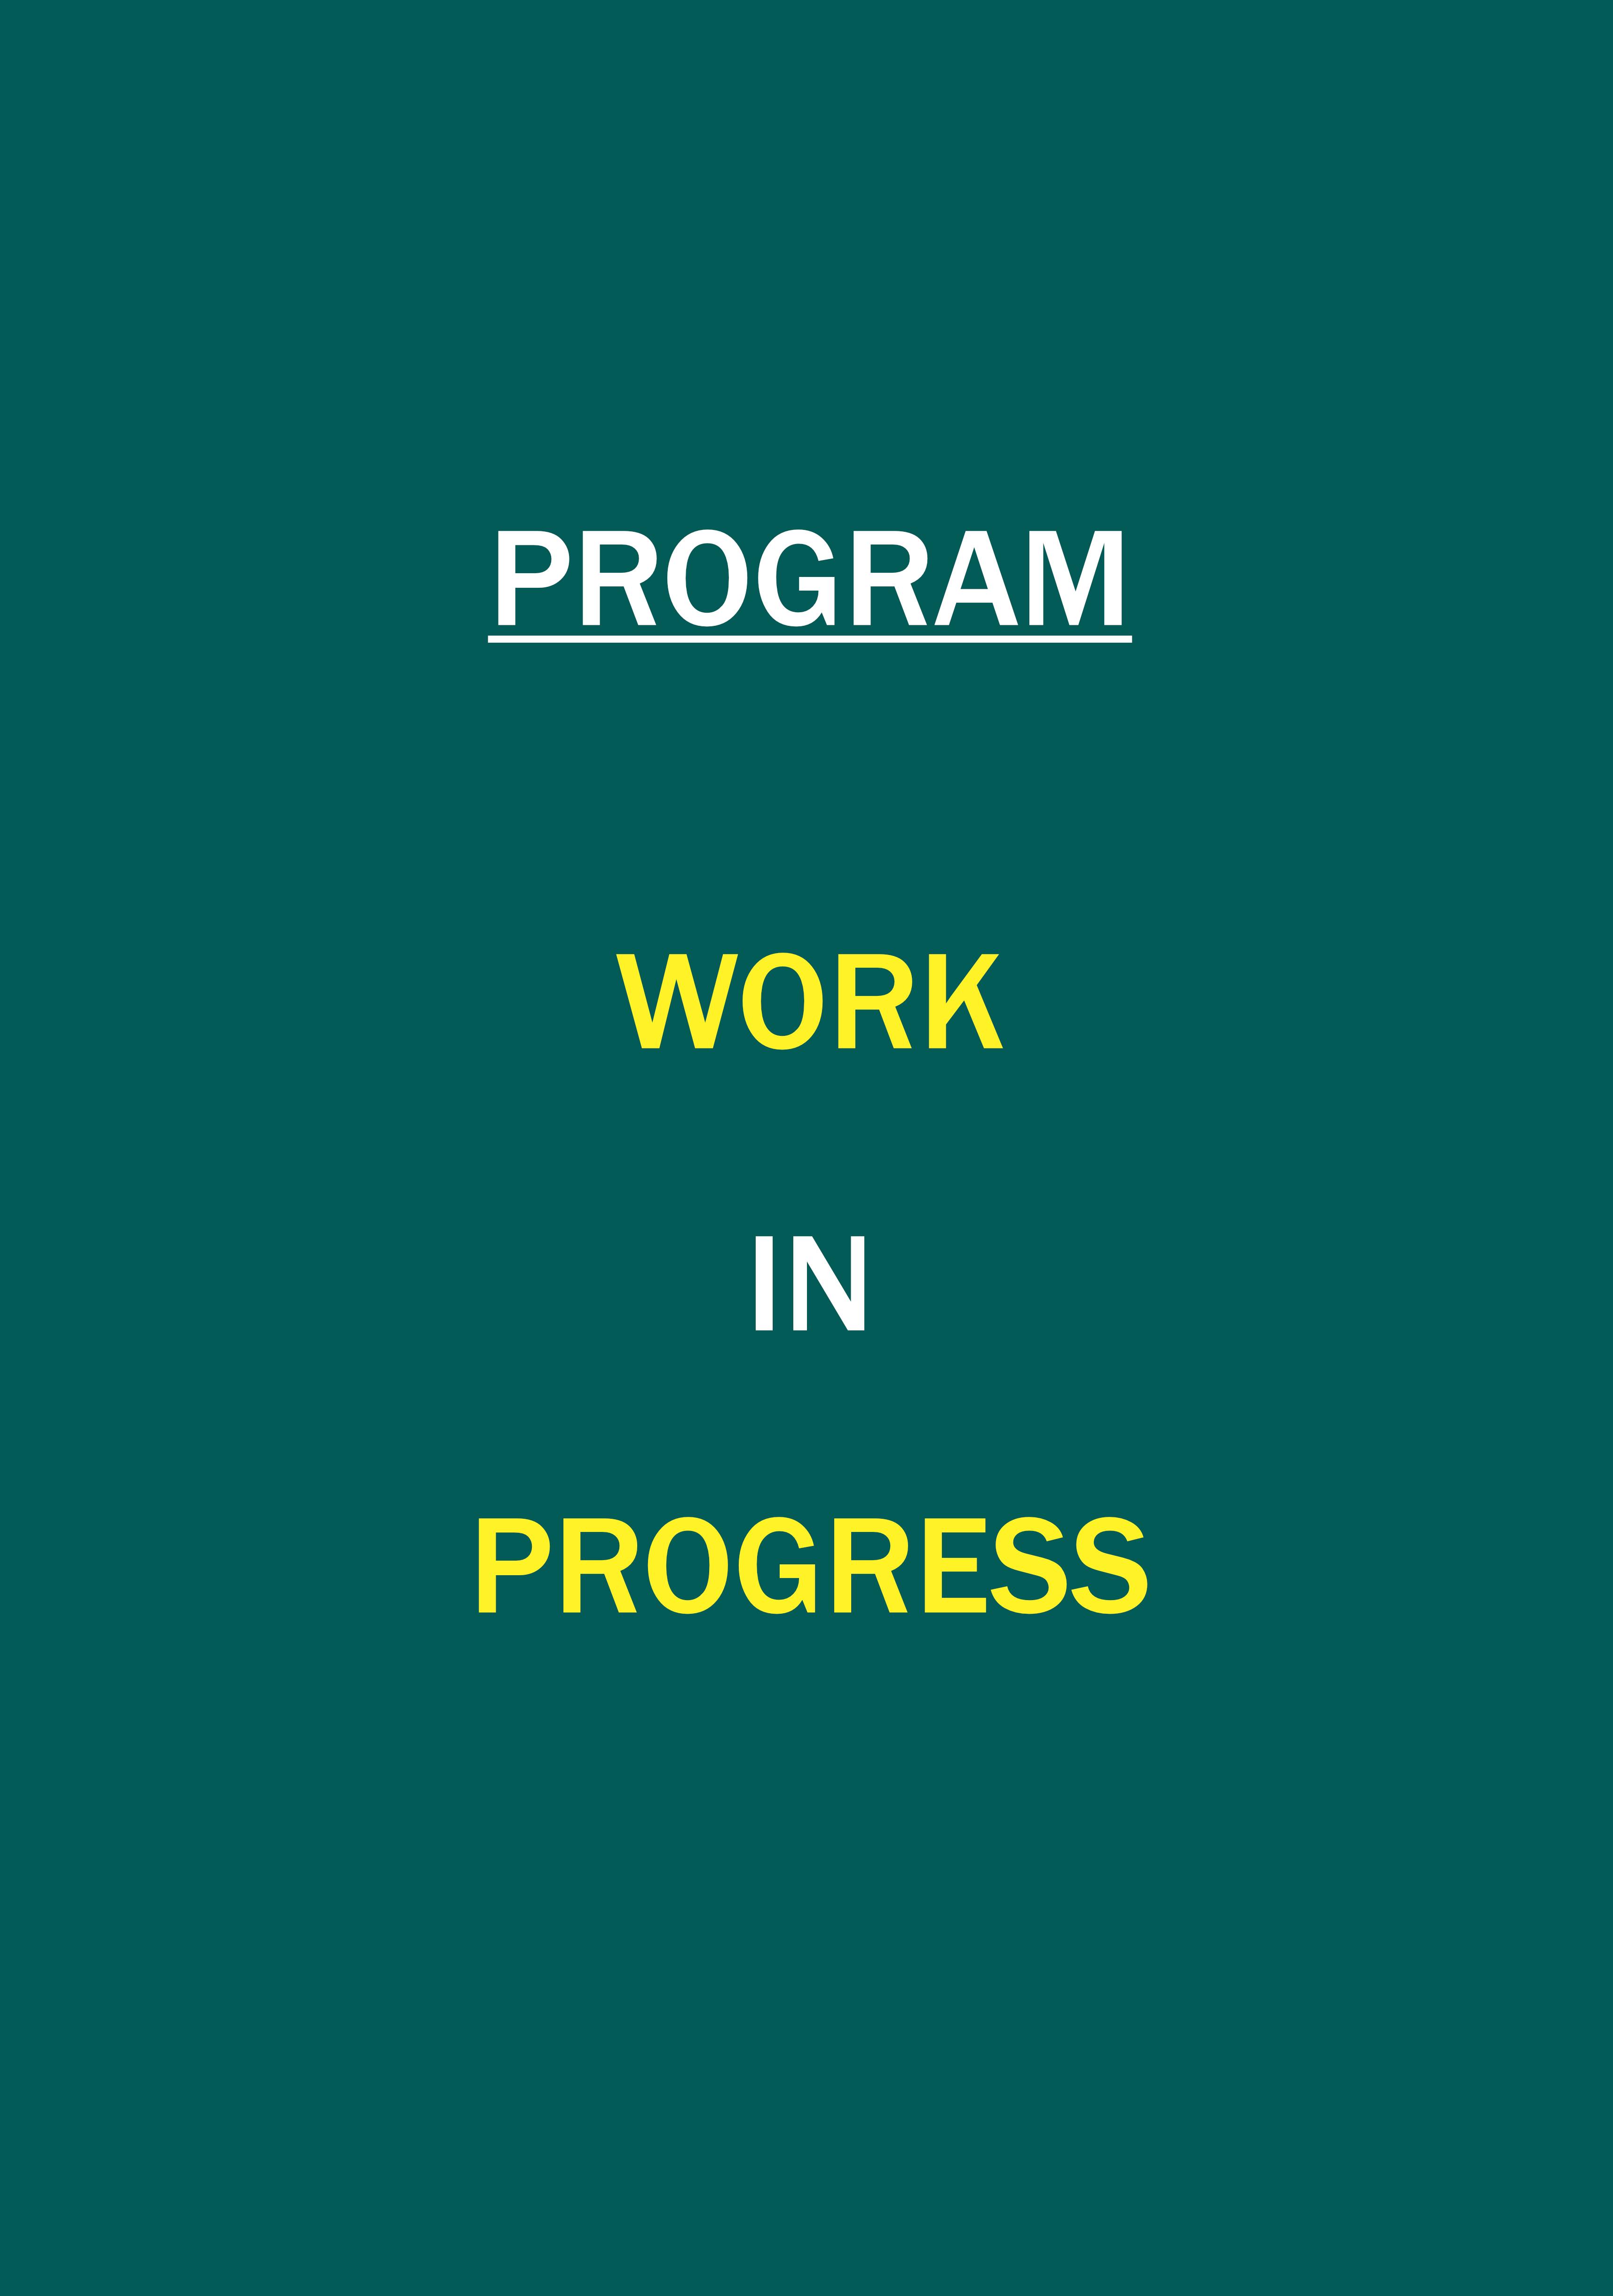 Program in Progress